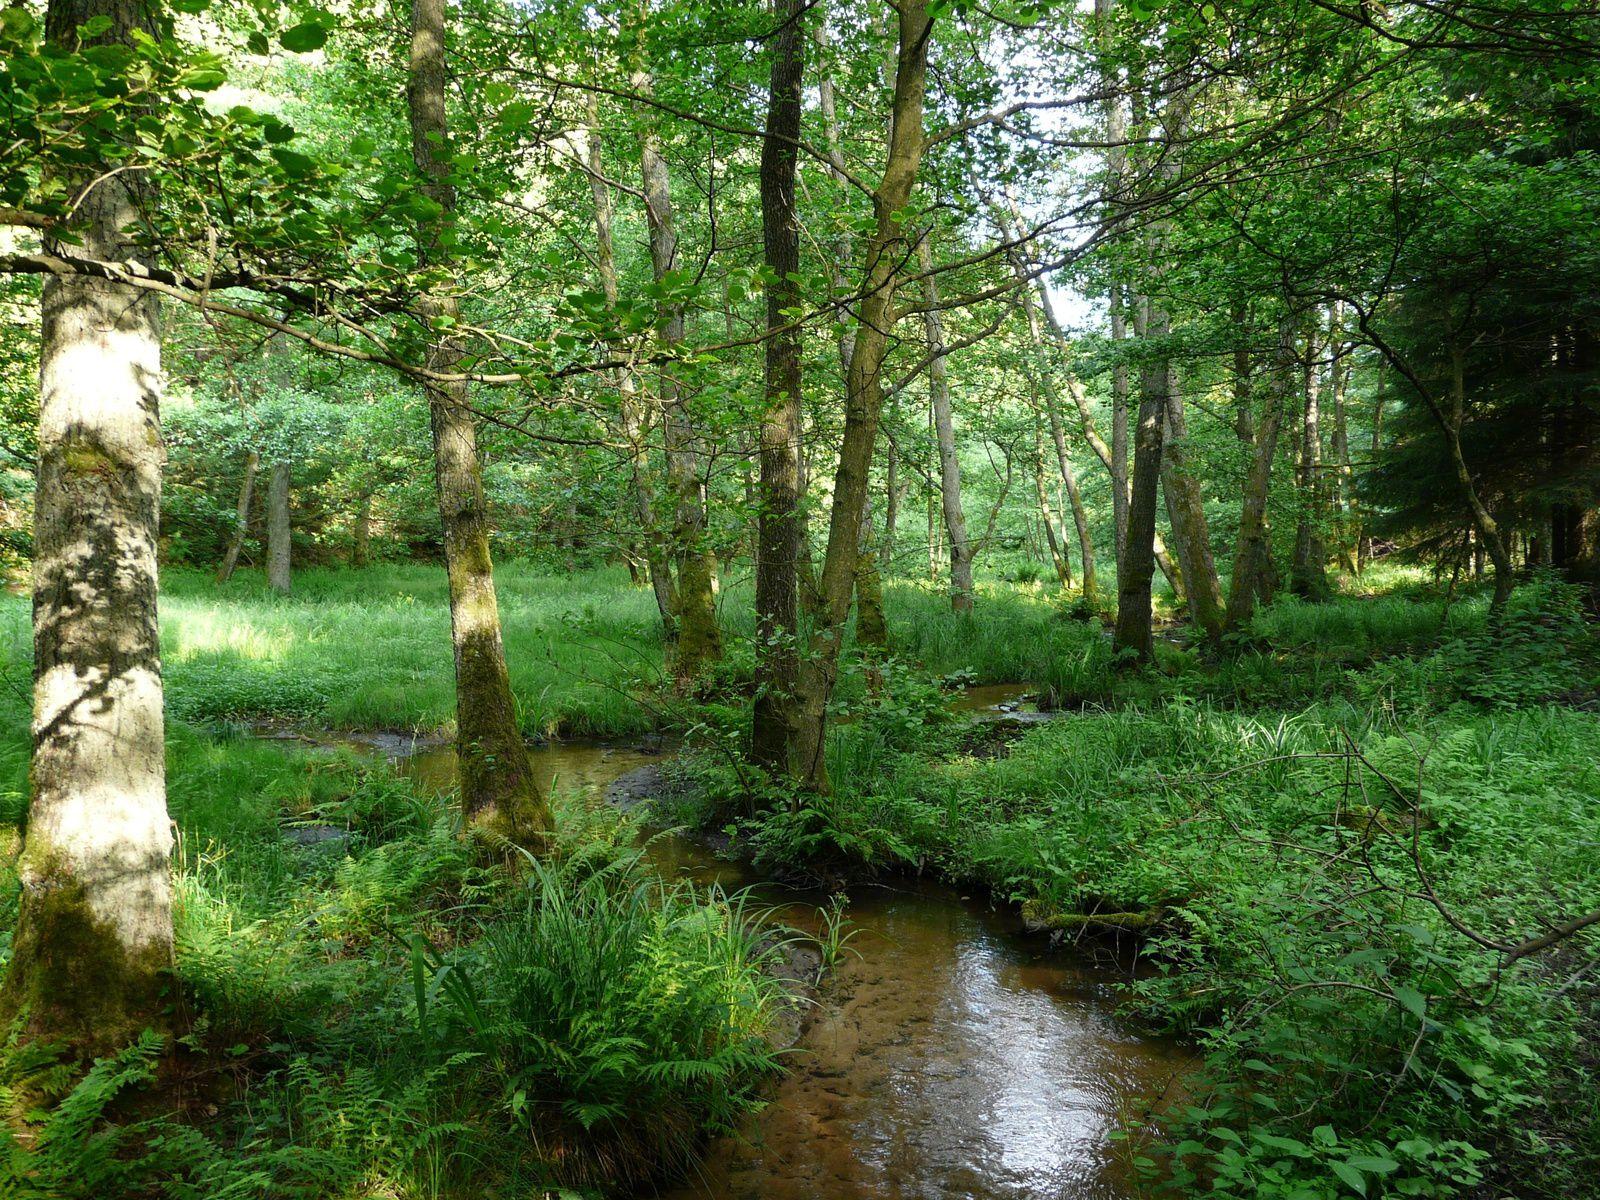 Rivières Sauvages : redonnons vie à nos cours d'eau, zones humides ... mode emploi !!